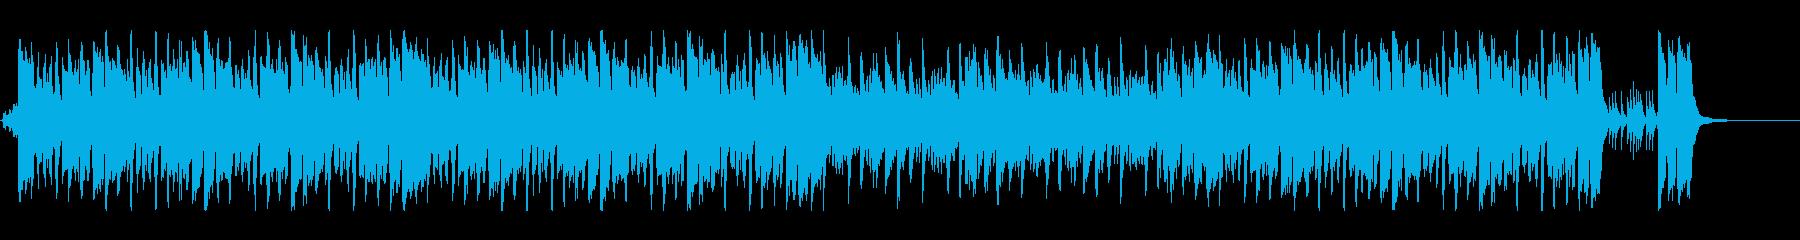 ハッピー感が溢れ出すキュートポップの再生済みの波形